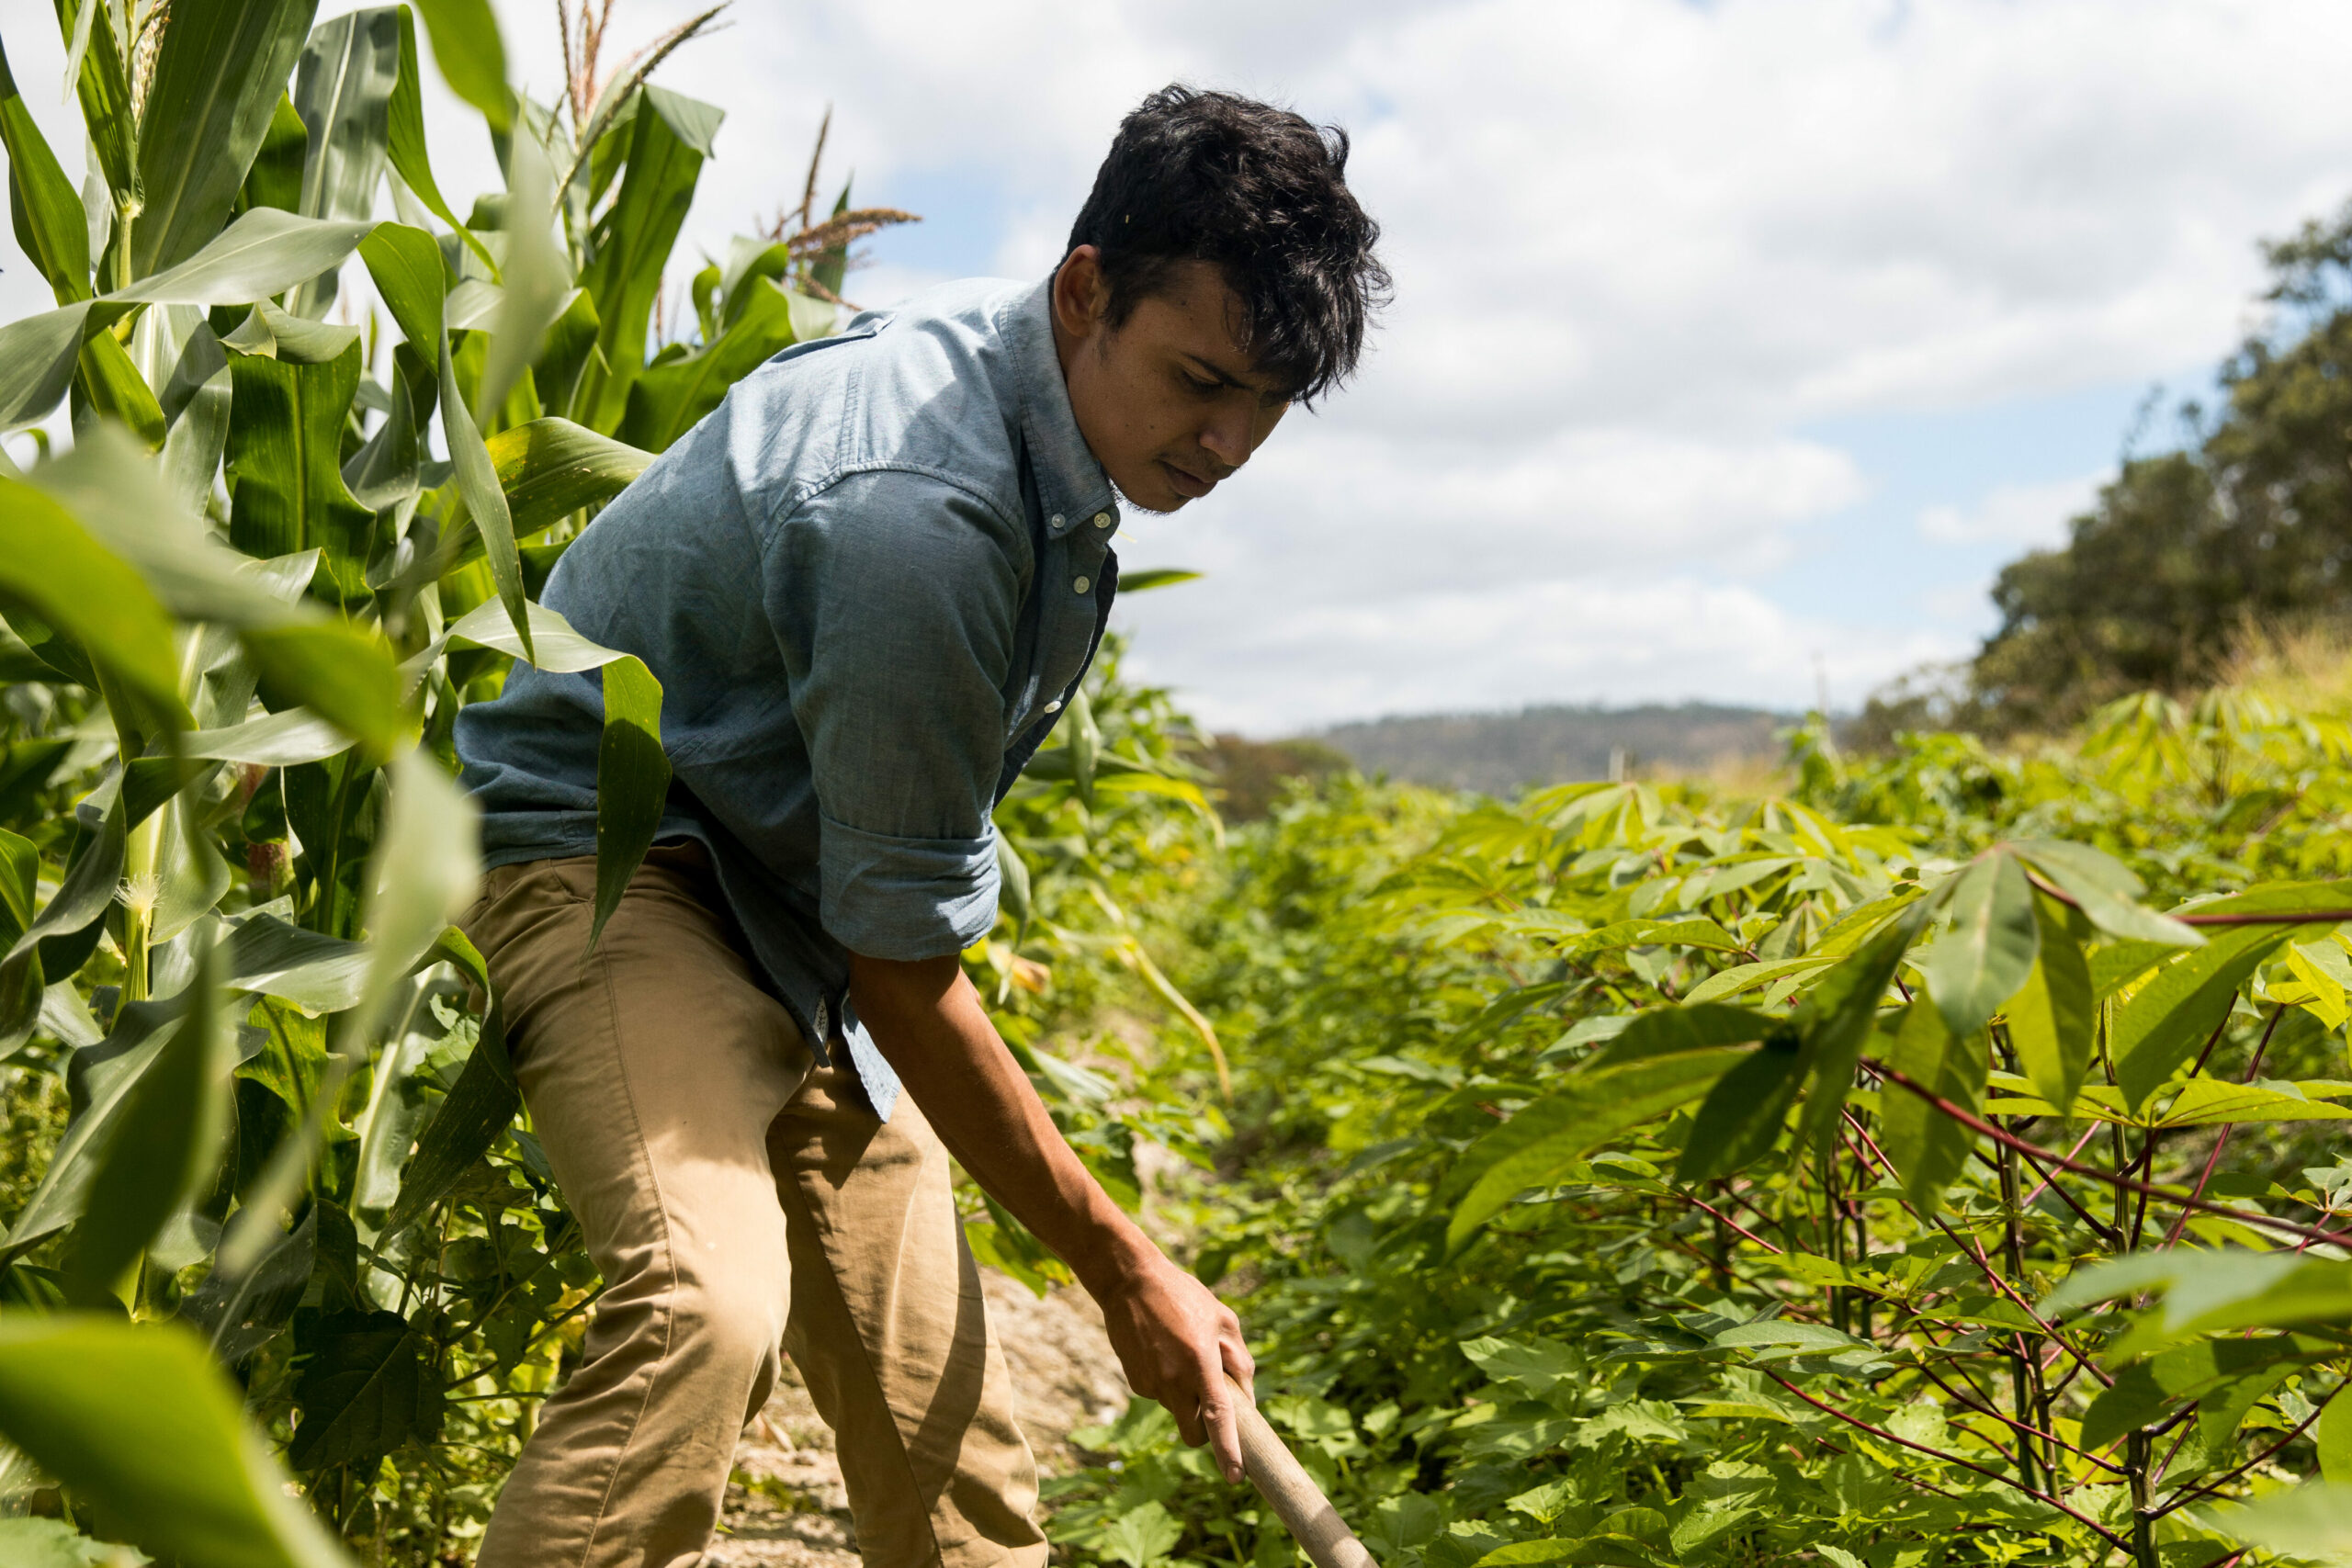 Jugendlicher im landwirtschaftlichen Dienst in Honduras